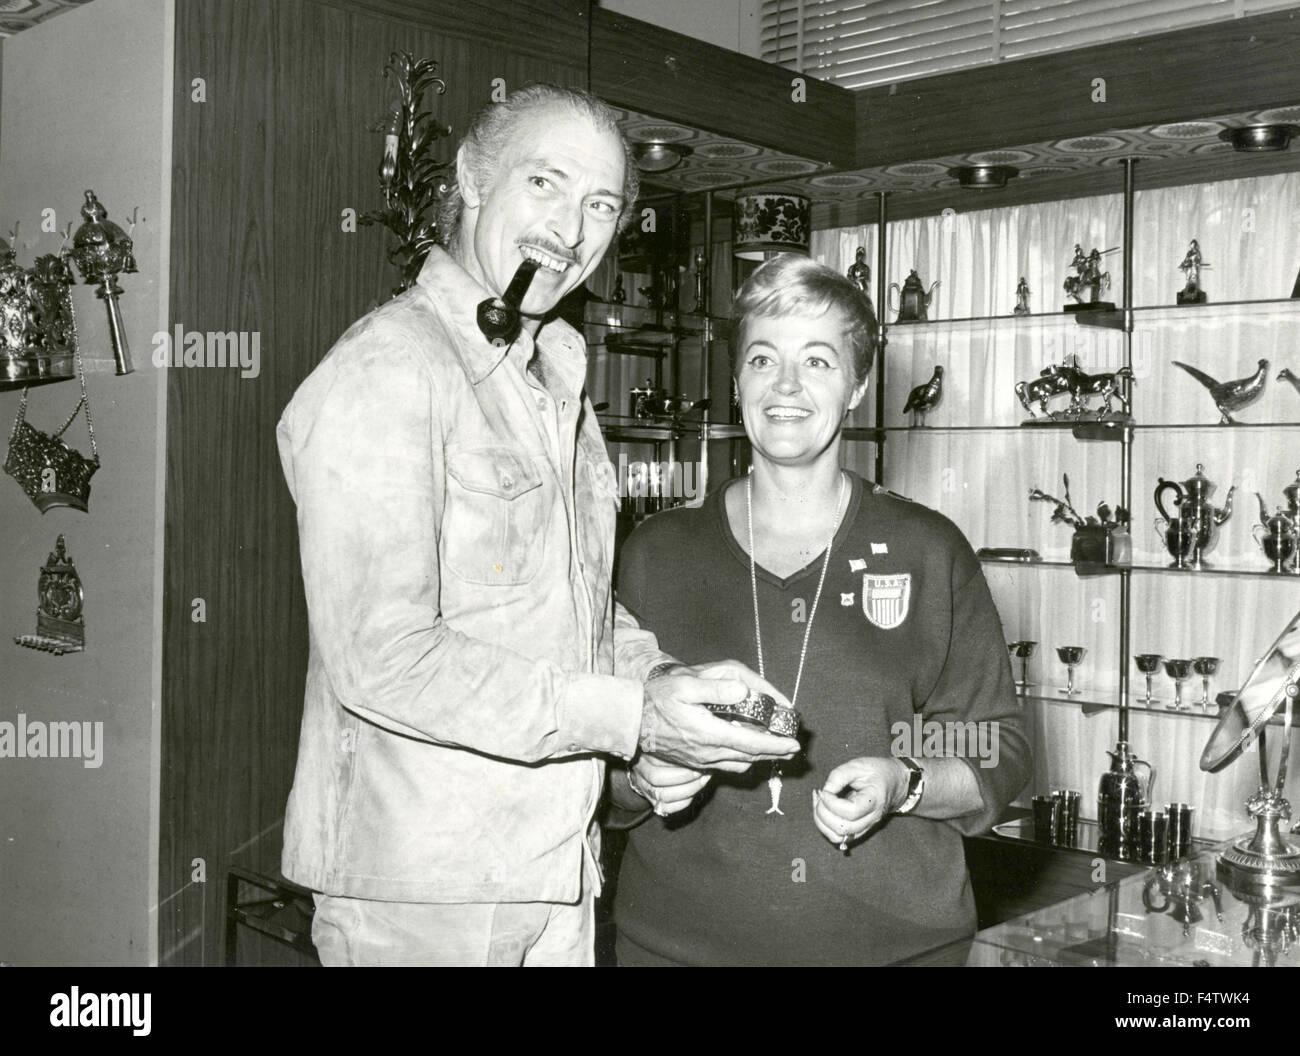 L'acteur américain Lee Van Cleef fait des achats dans un magasin Photo Stock